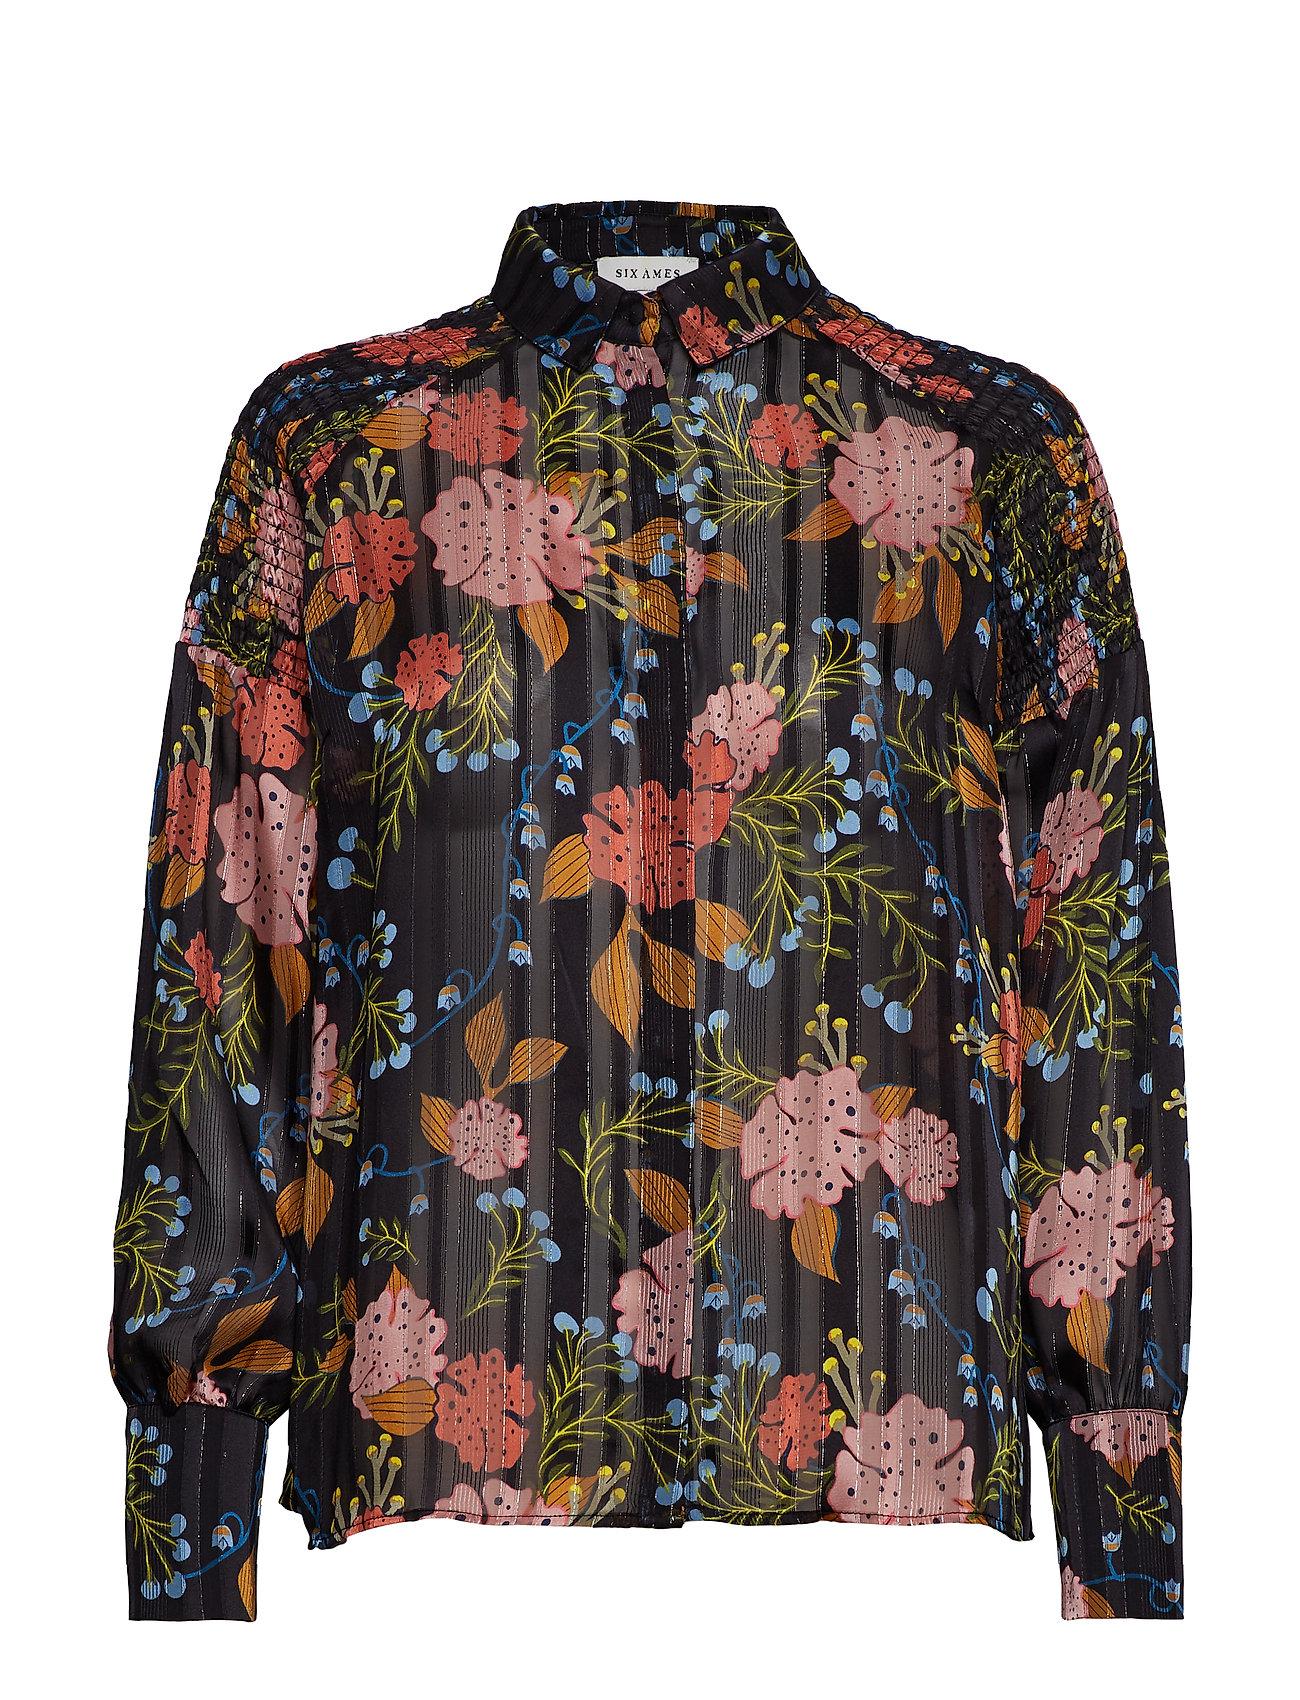 FieldSix Flower FieldSix Flower Yolandamulti Yolandamulti Yolandamulti Ames Yolandamulti Ames Flower Ames FieldSix N8mwv0n